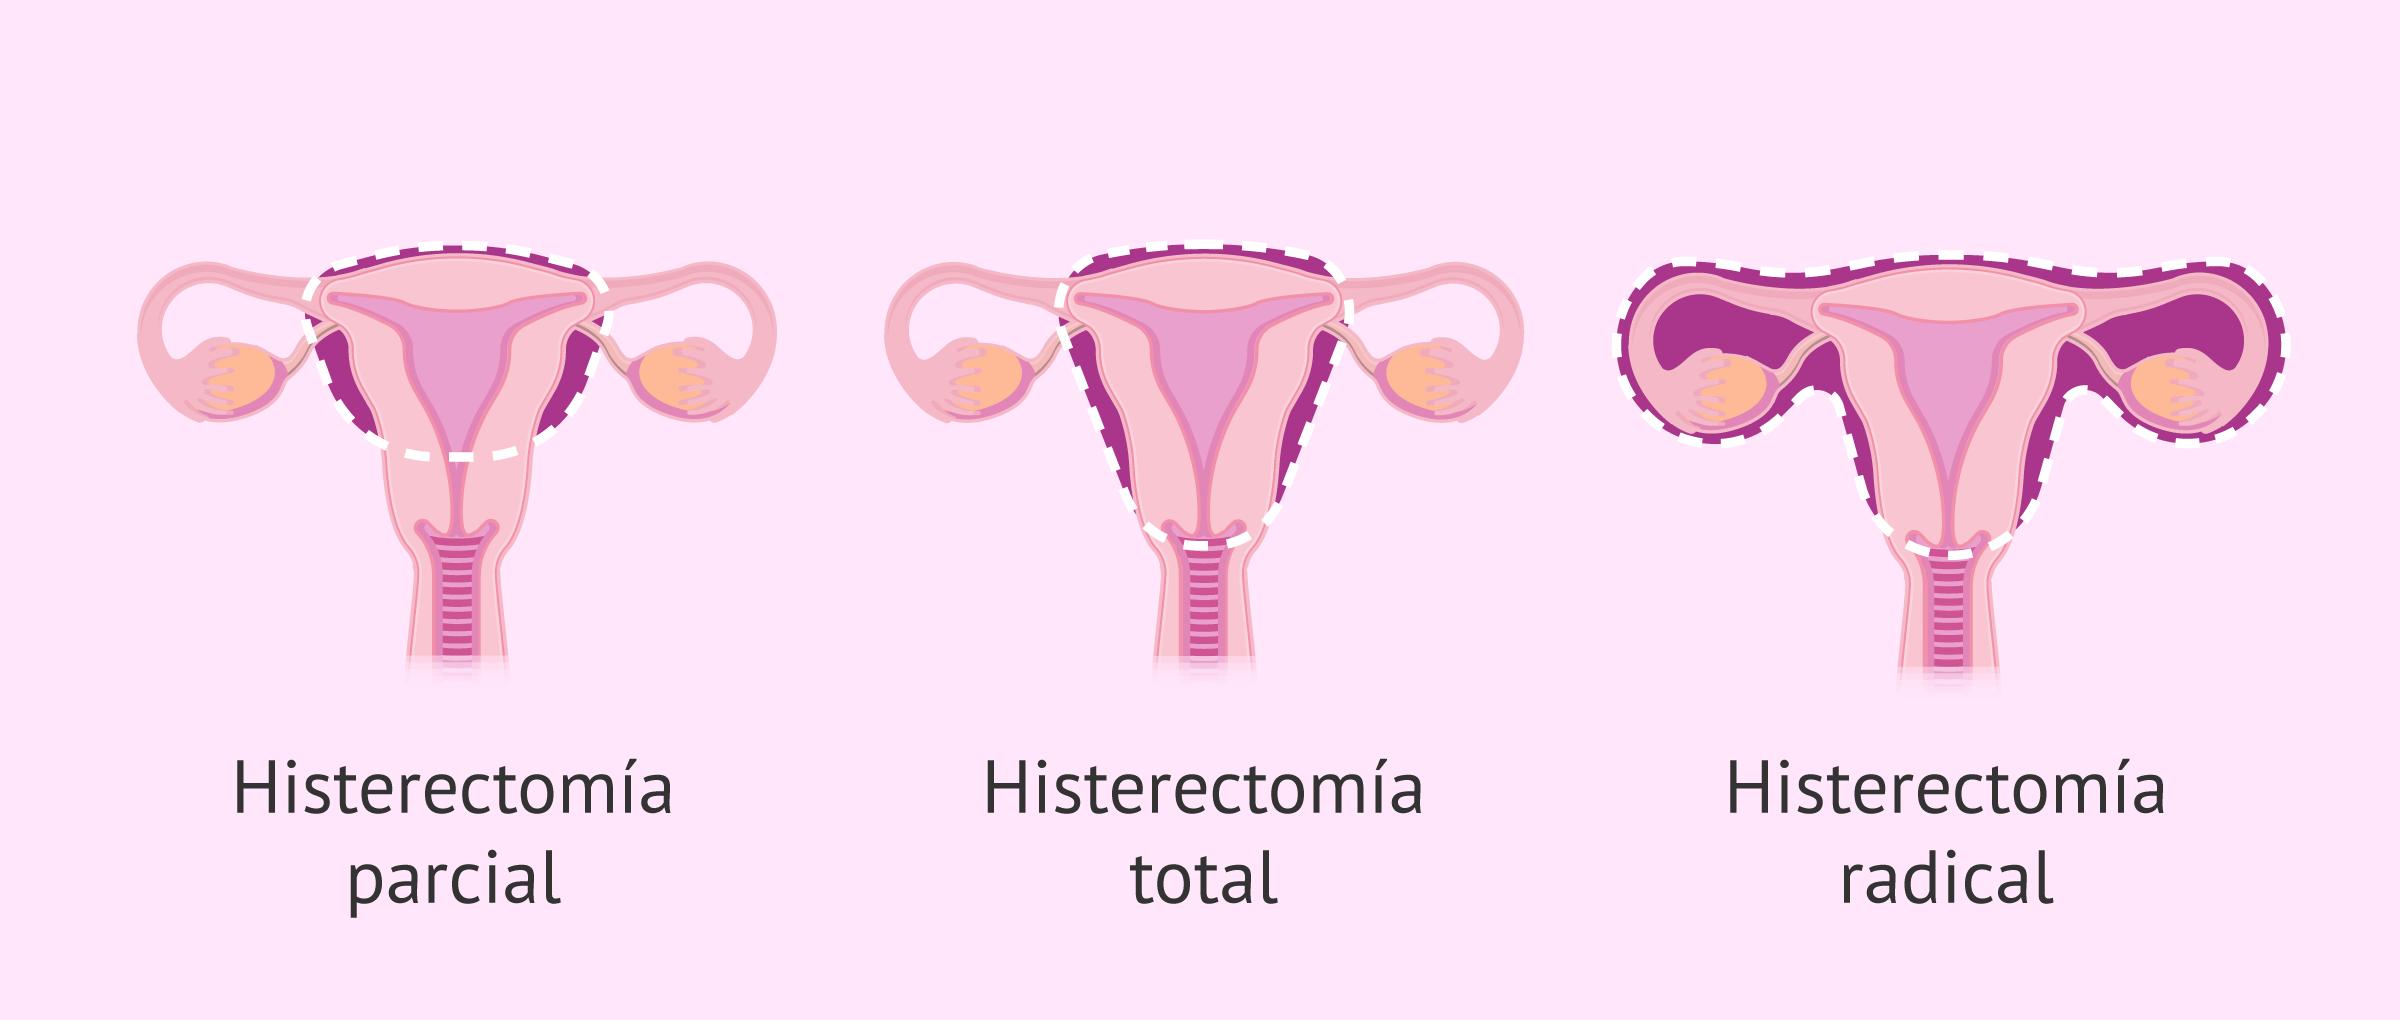 histerectomia-tipos-glosario